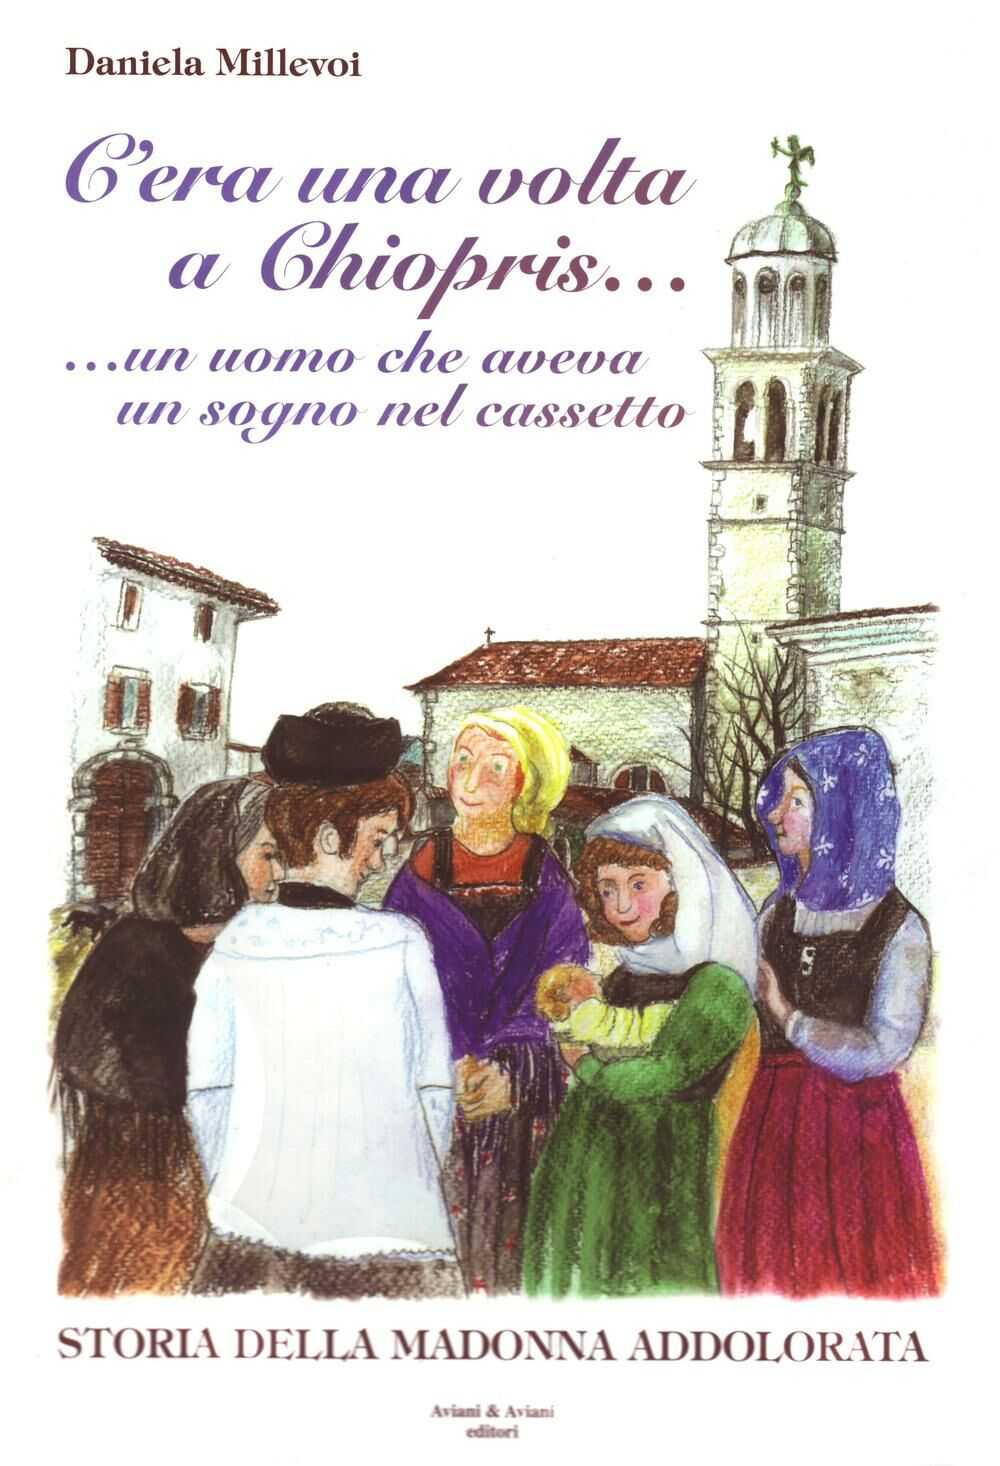 C'era una volta a Chiopris... Un uomo che aveva un sogno nel cassetto. Storia della Madonna addolorata